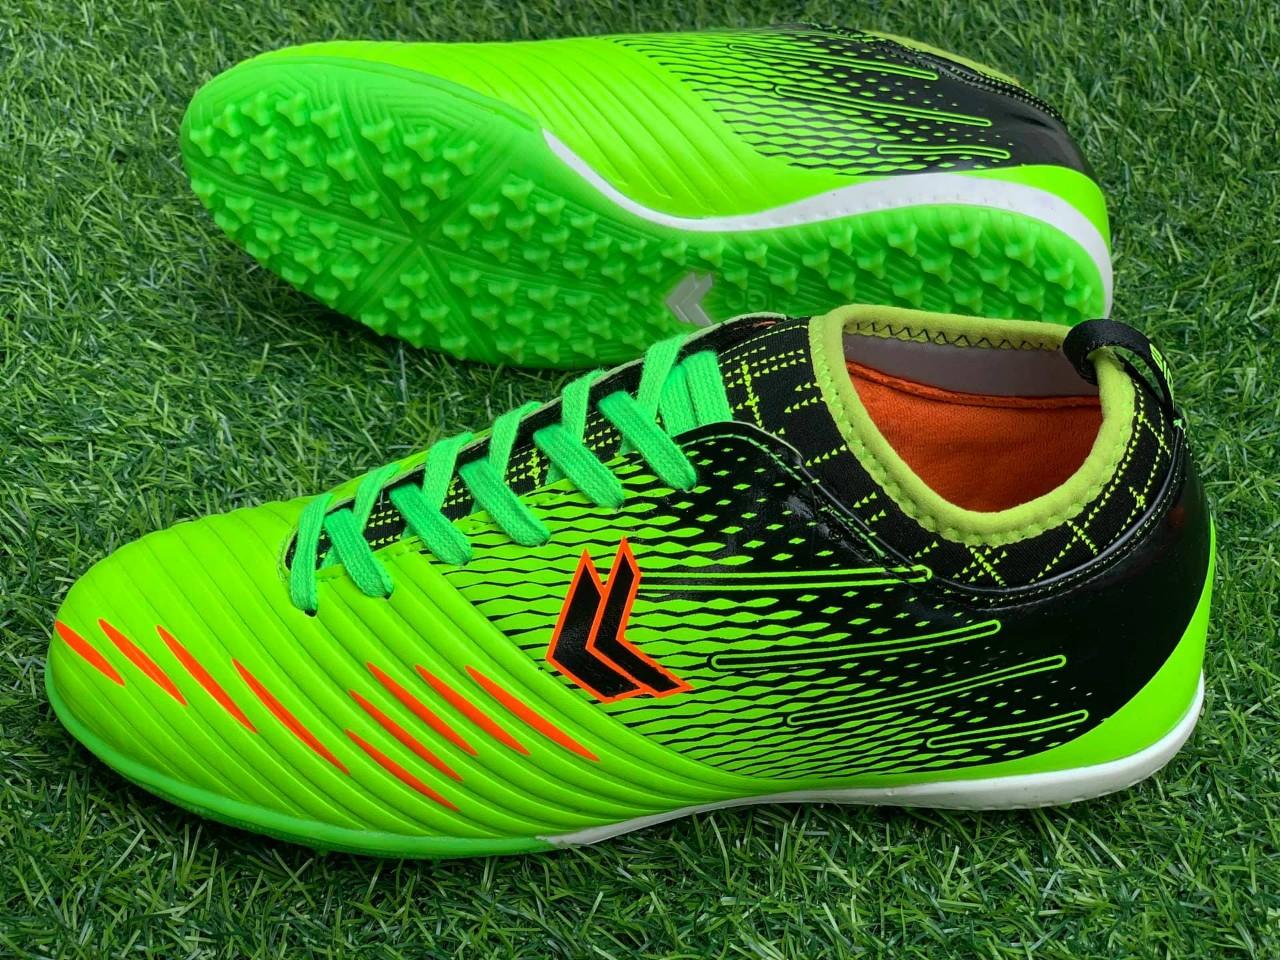 Giày đá bóng chính hãng thương hiệu Sigo hiện đang có ưu đãi lớn nhất tại AH STORE